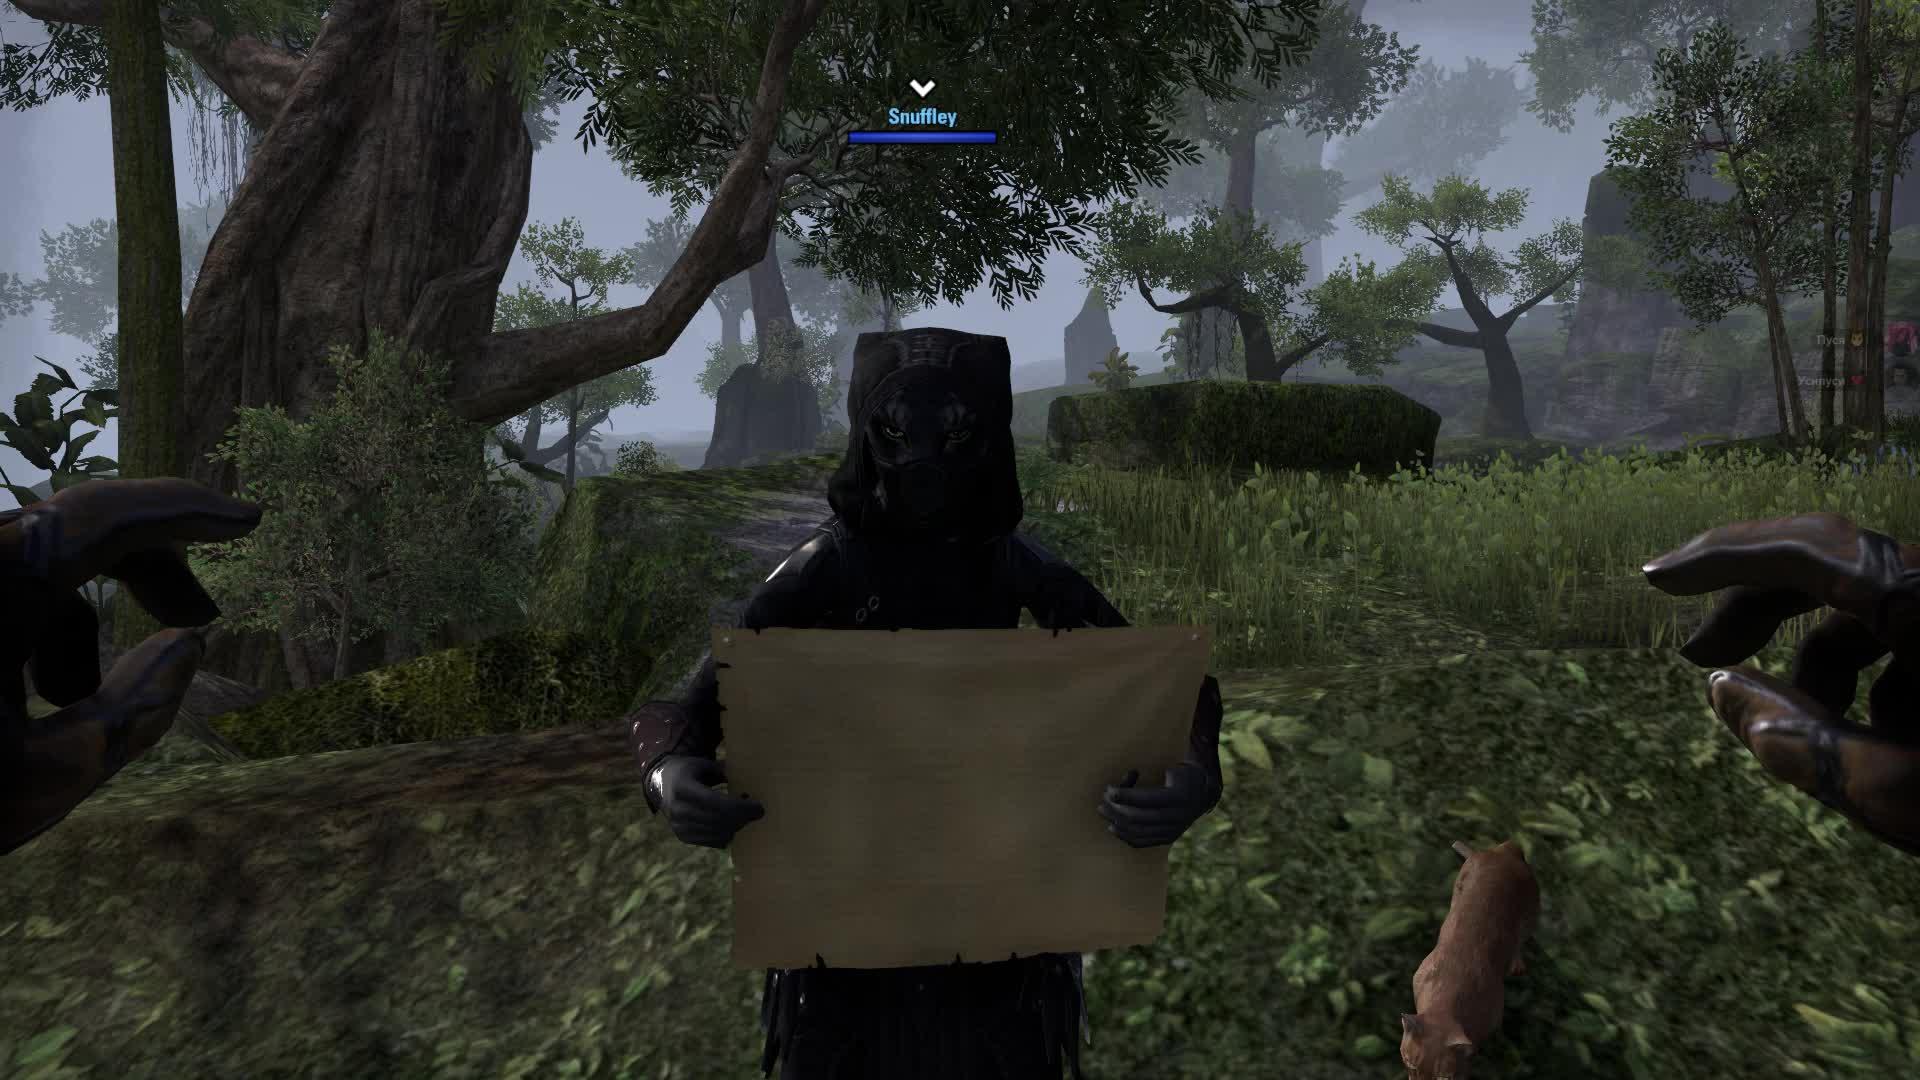 elderscrollsonline, Elder Scrolls Online 2018.05.27 - 14.44.41.08 GIFs